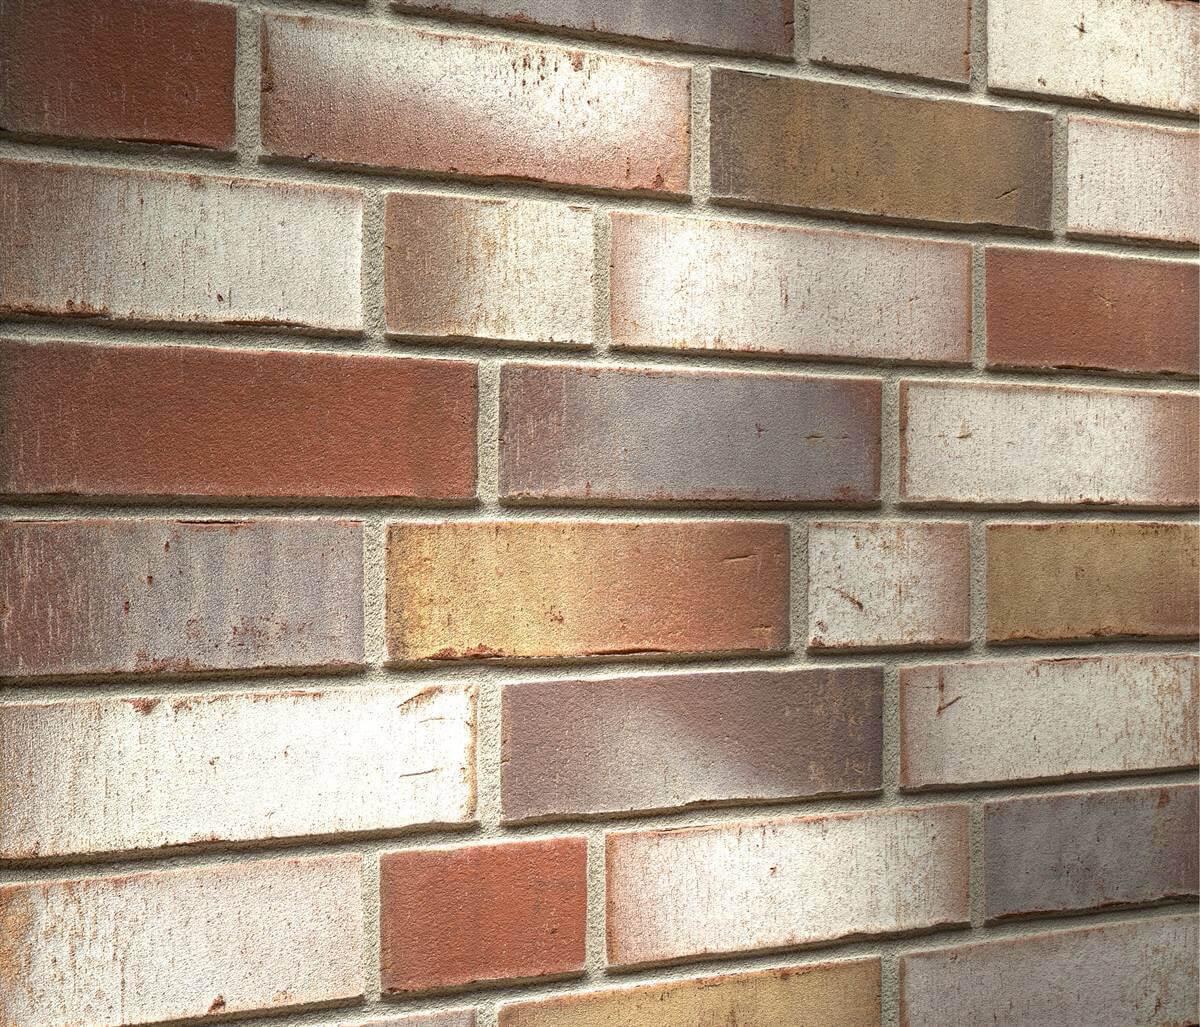 Feldhaus Klinker - R921NF14, Vario Ardor Trecolora, 240х71х14 - Клинкерная плитка для фасада и внутренней отделки